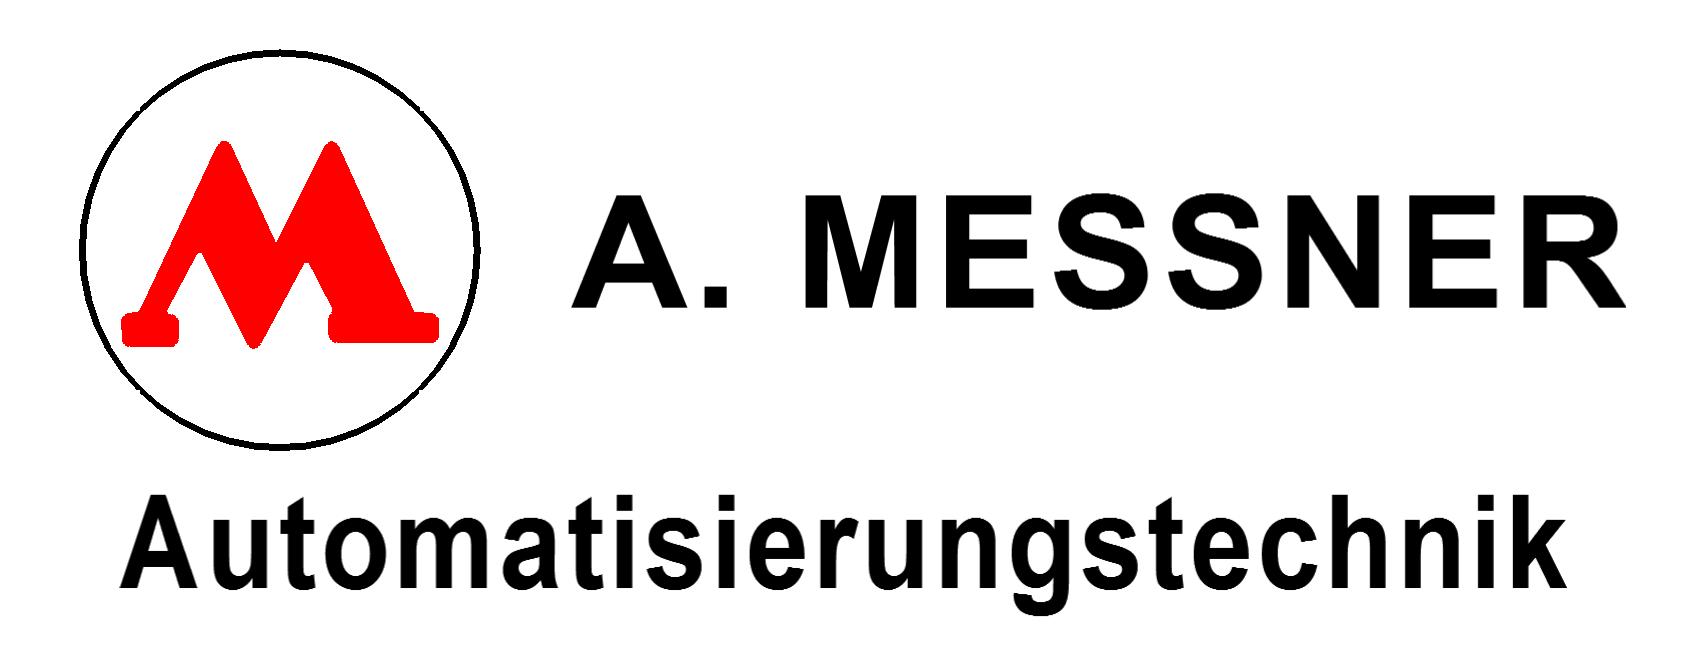 Messner Automatisierungstechnik